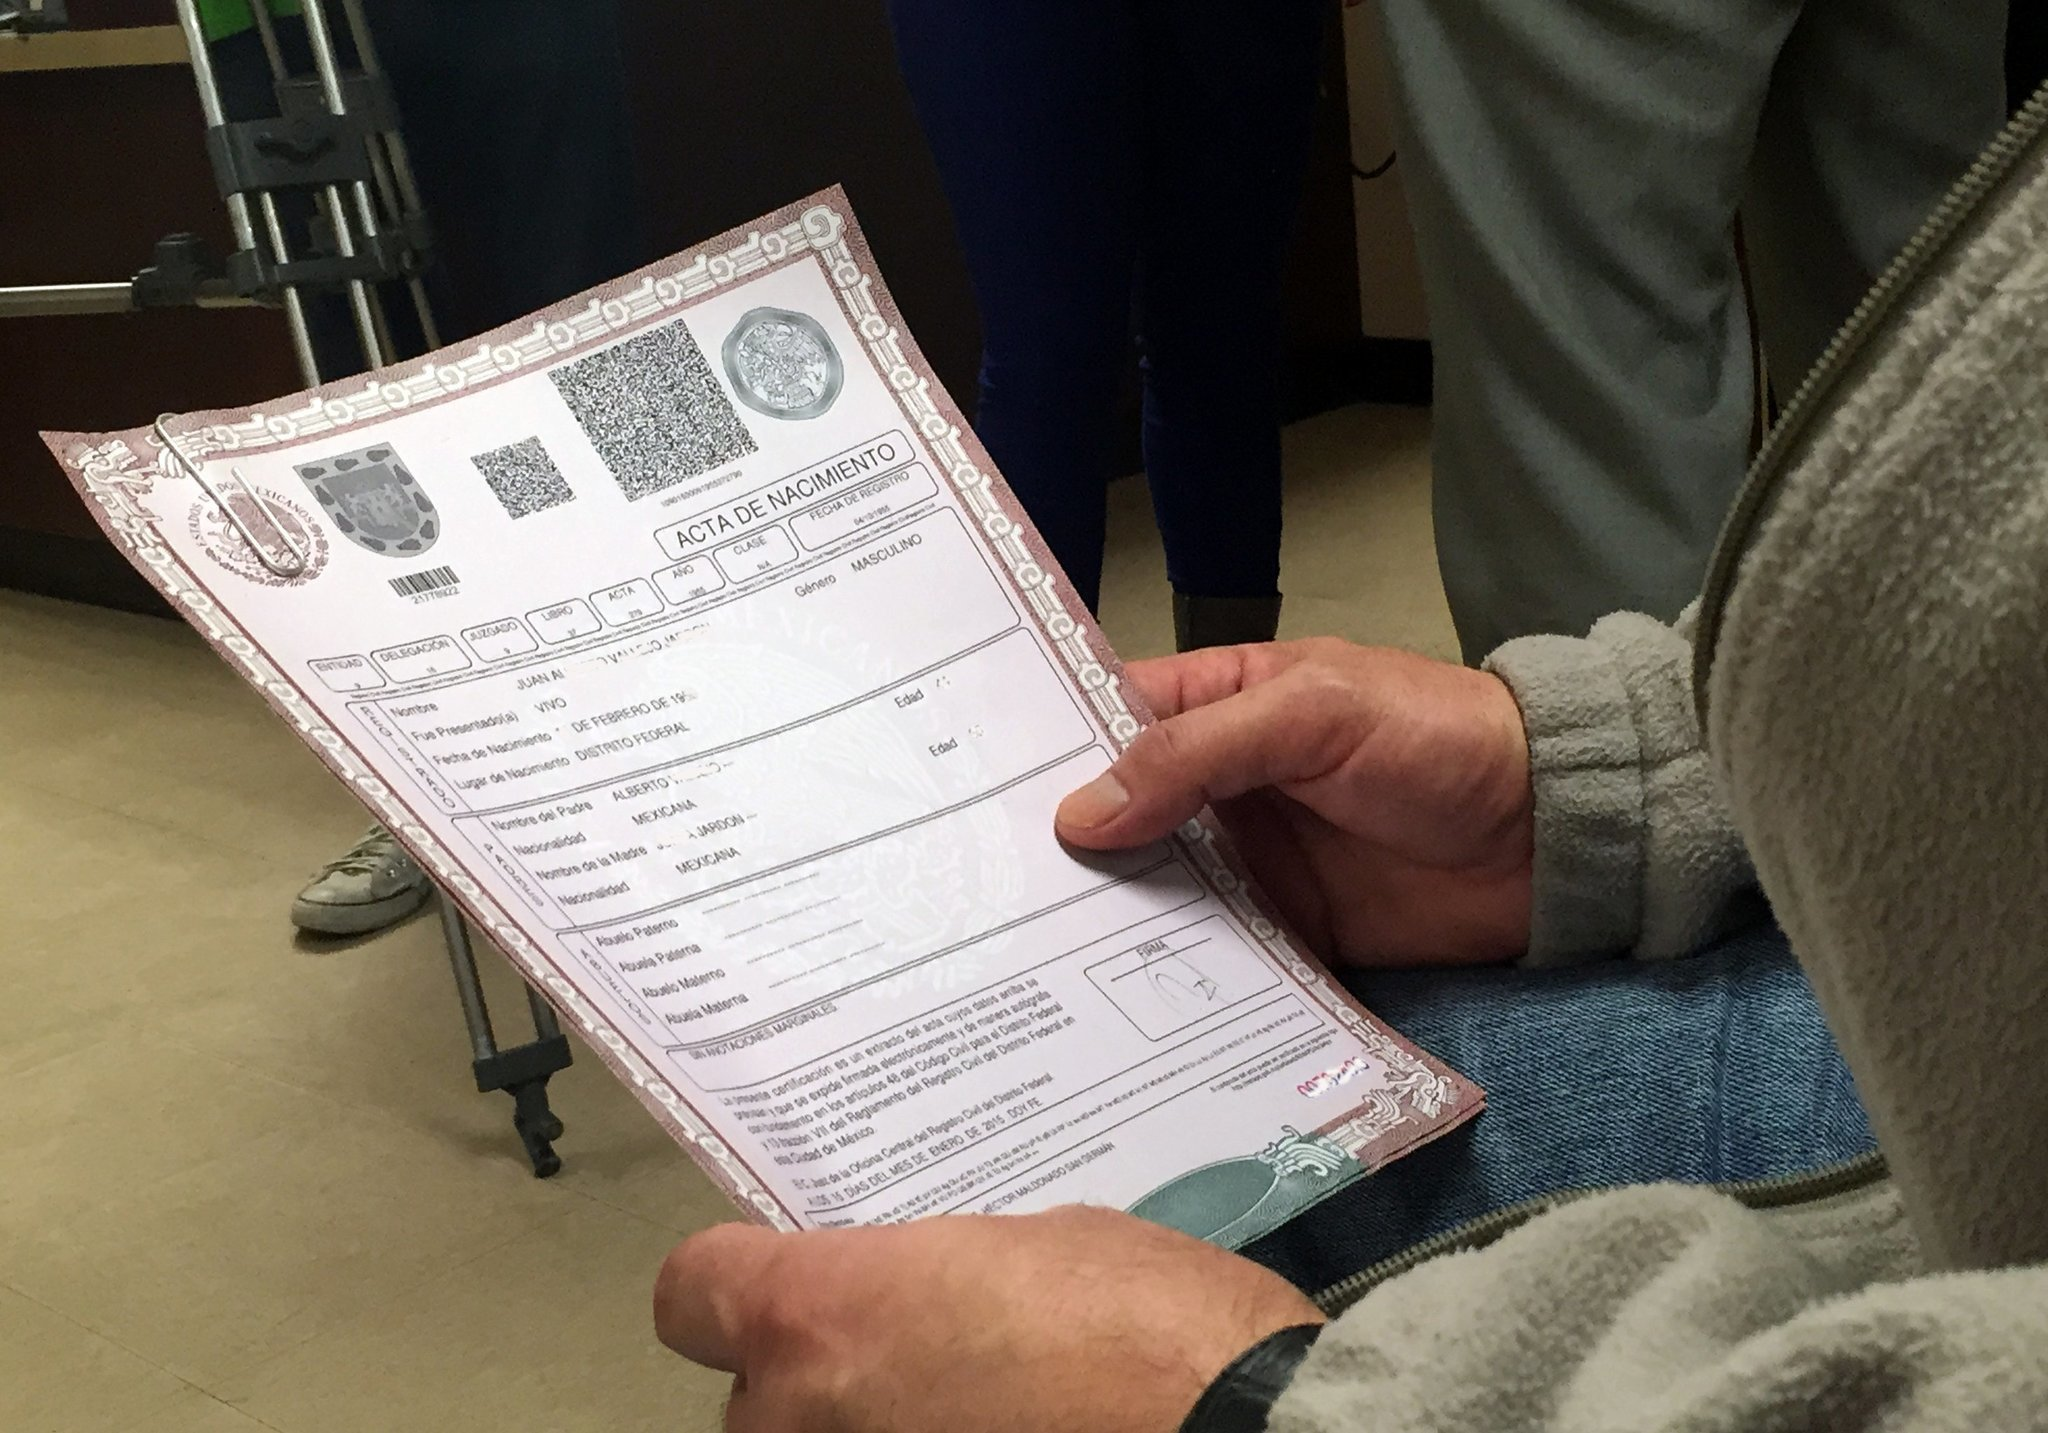 El consulado mexicano ya está expidiendo actas de nacimiento - Hoy ...